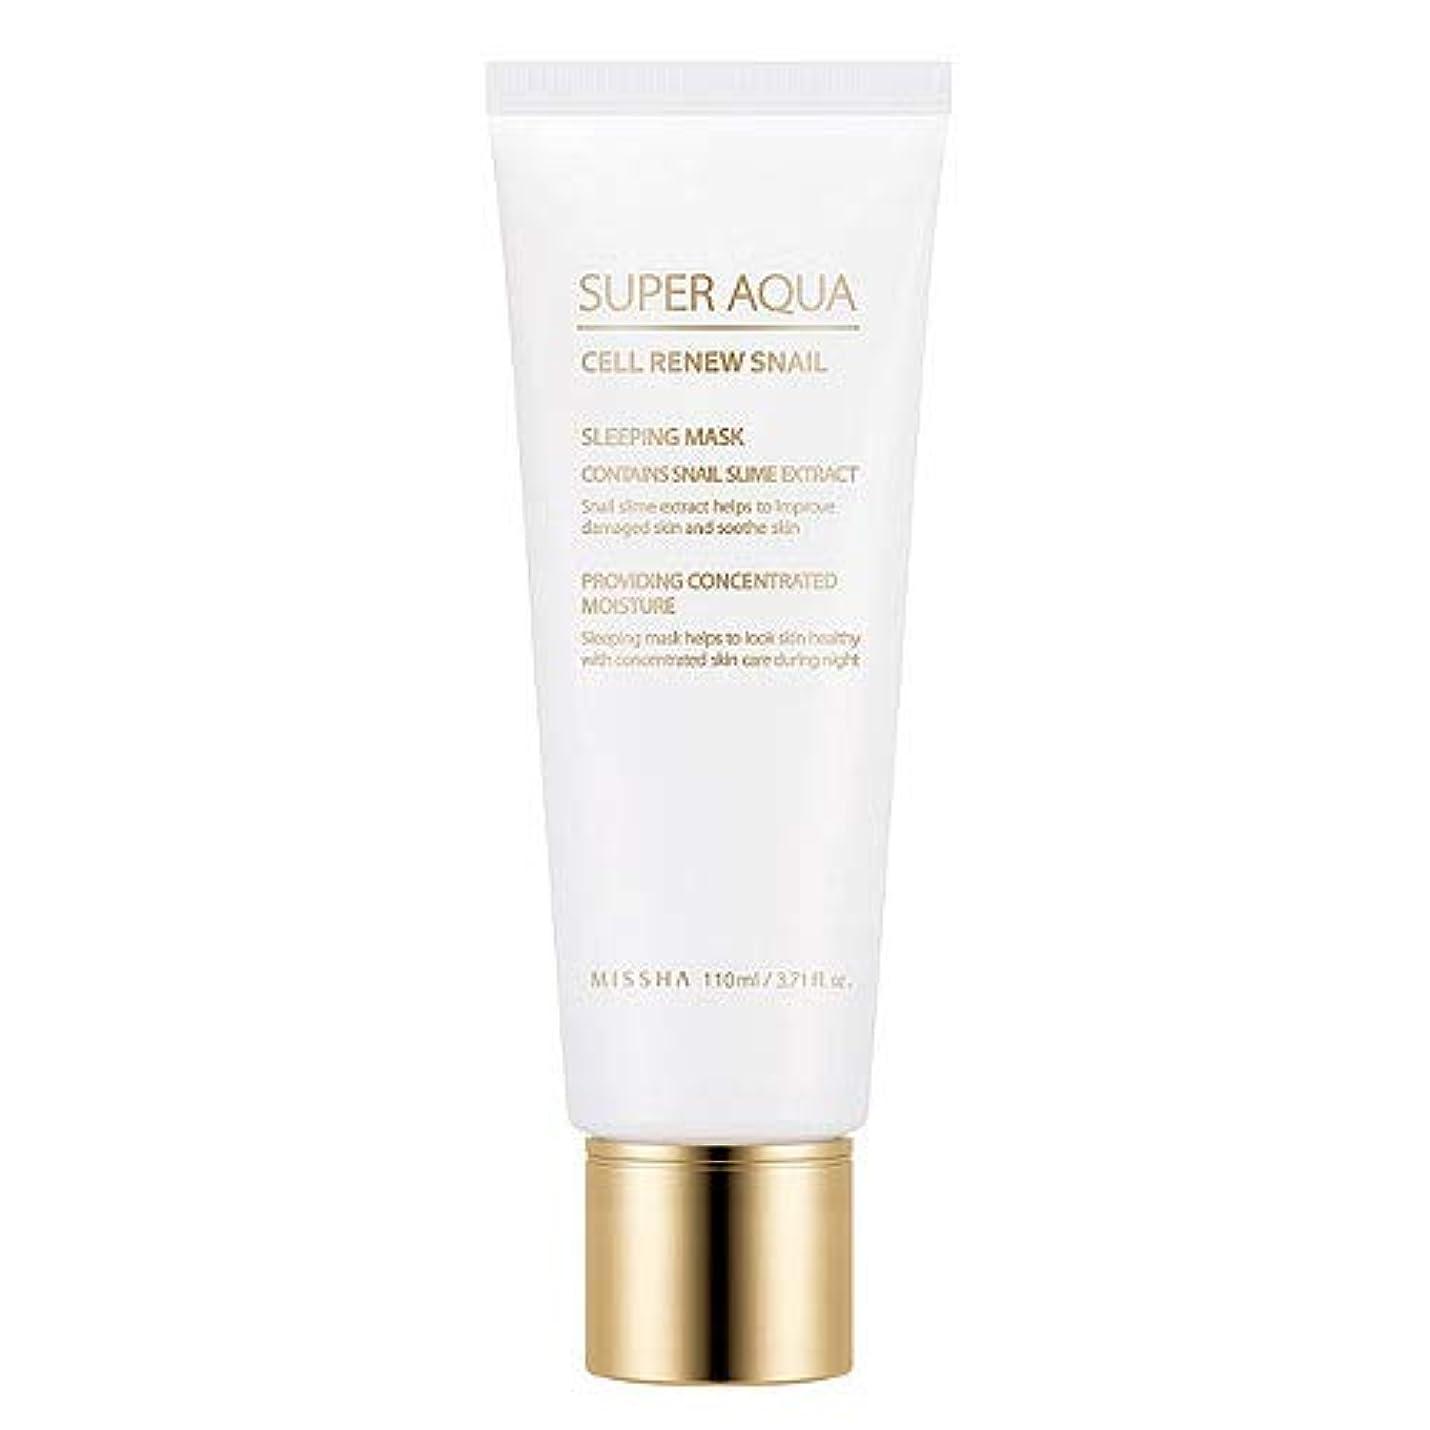 候補者忌避剤エジプト[RENEWAL] Missha Super Aqua Cell Renew Snail Sleeping Mask 110ml /ミシャ スーパーアクアセルリニュースネイルスリーピングマスク (カタツムリ) [並行輸入品]